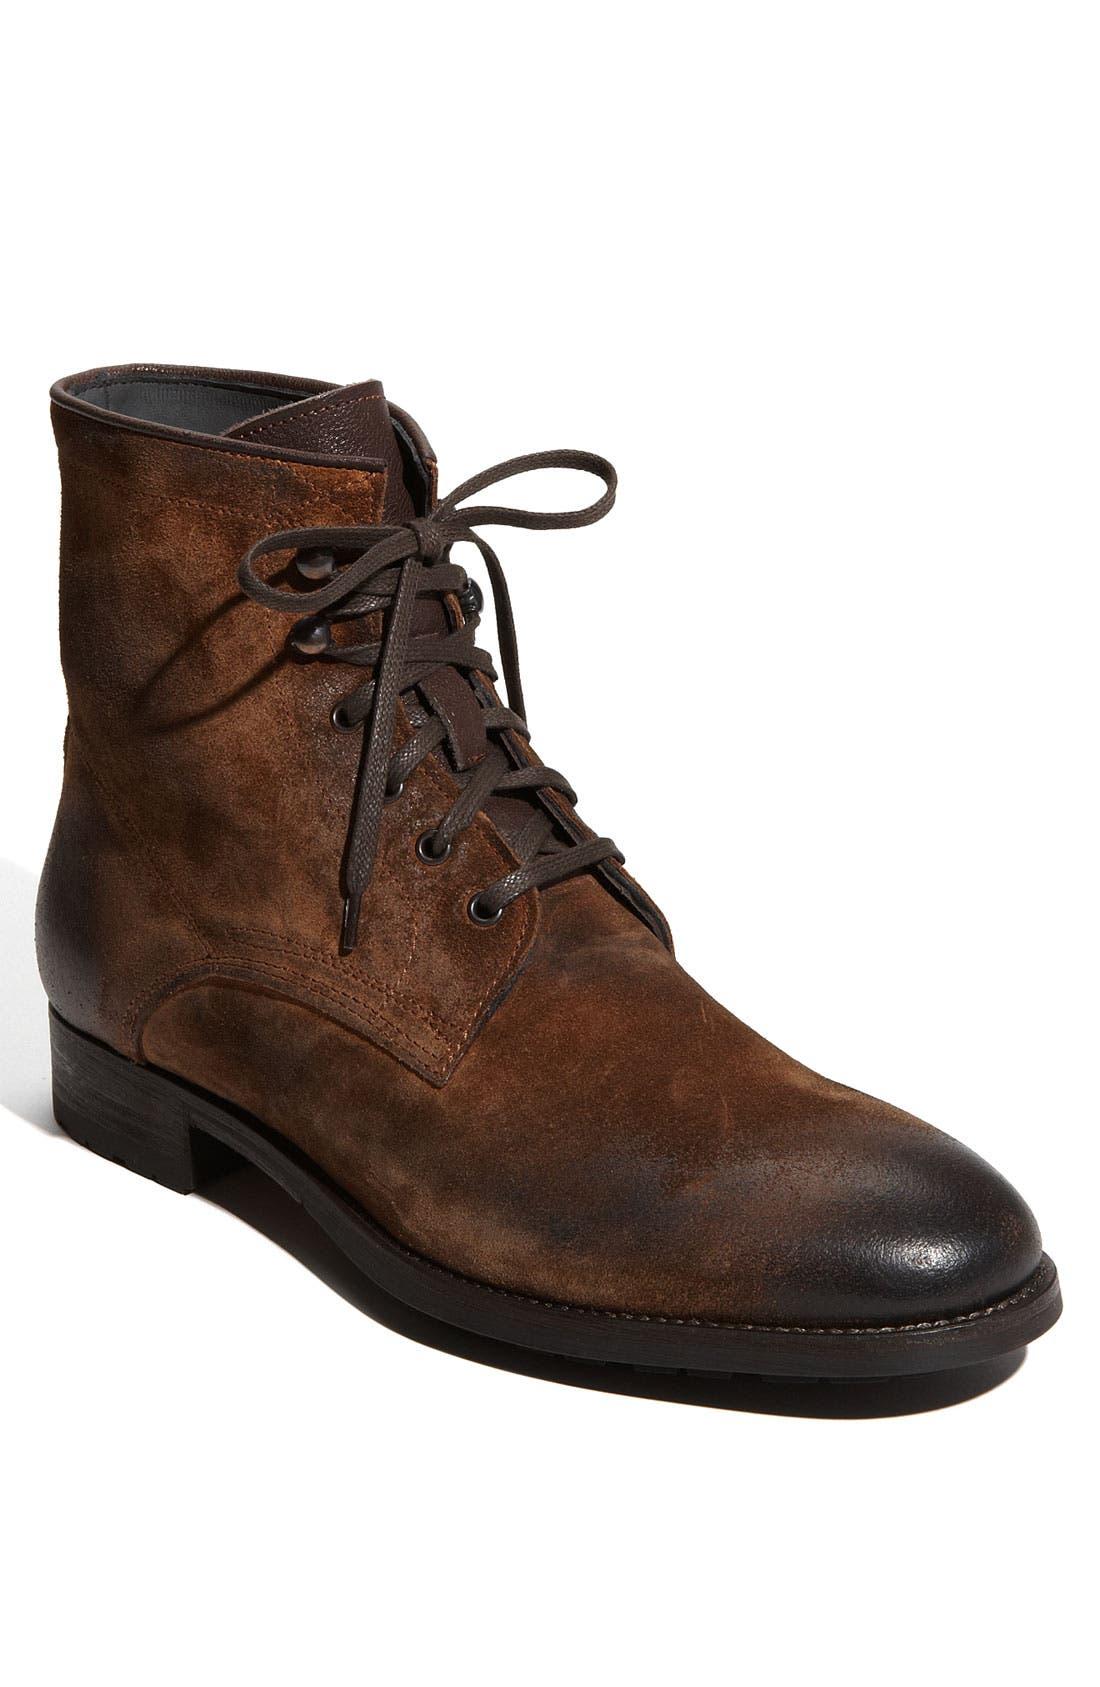 Main Image - To Boot New York 'Kilburn' Boot